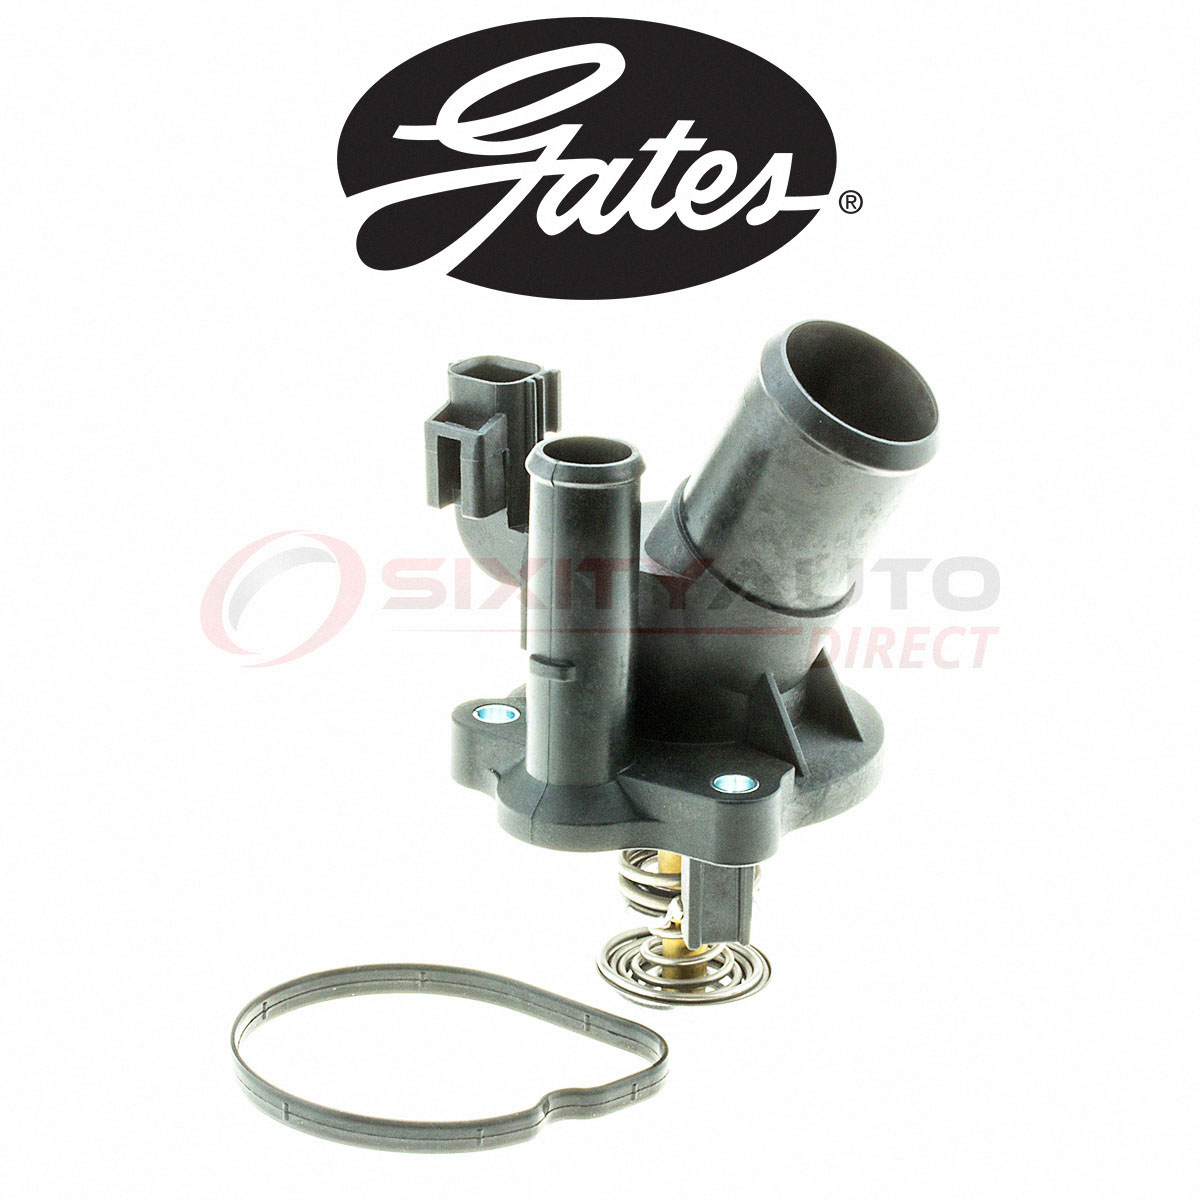 Gates Coolant Thermostat for 1987-2003 Dodge Dakota 2.5L L4 3.9L V6 5.2L dz